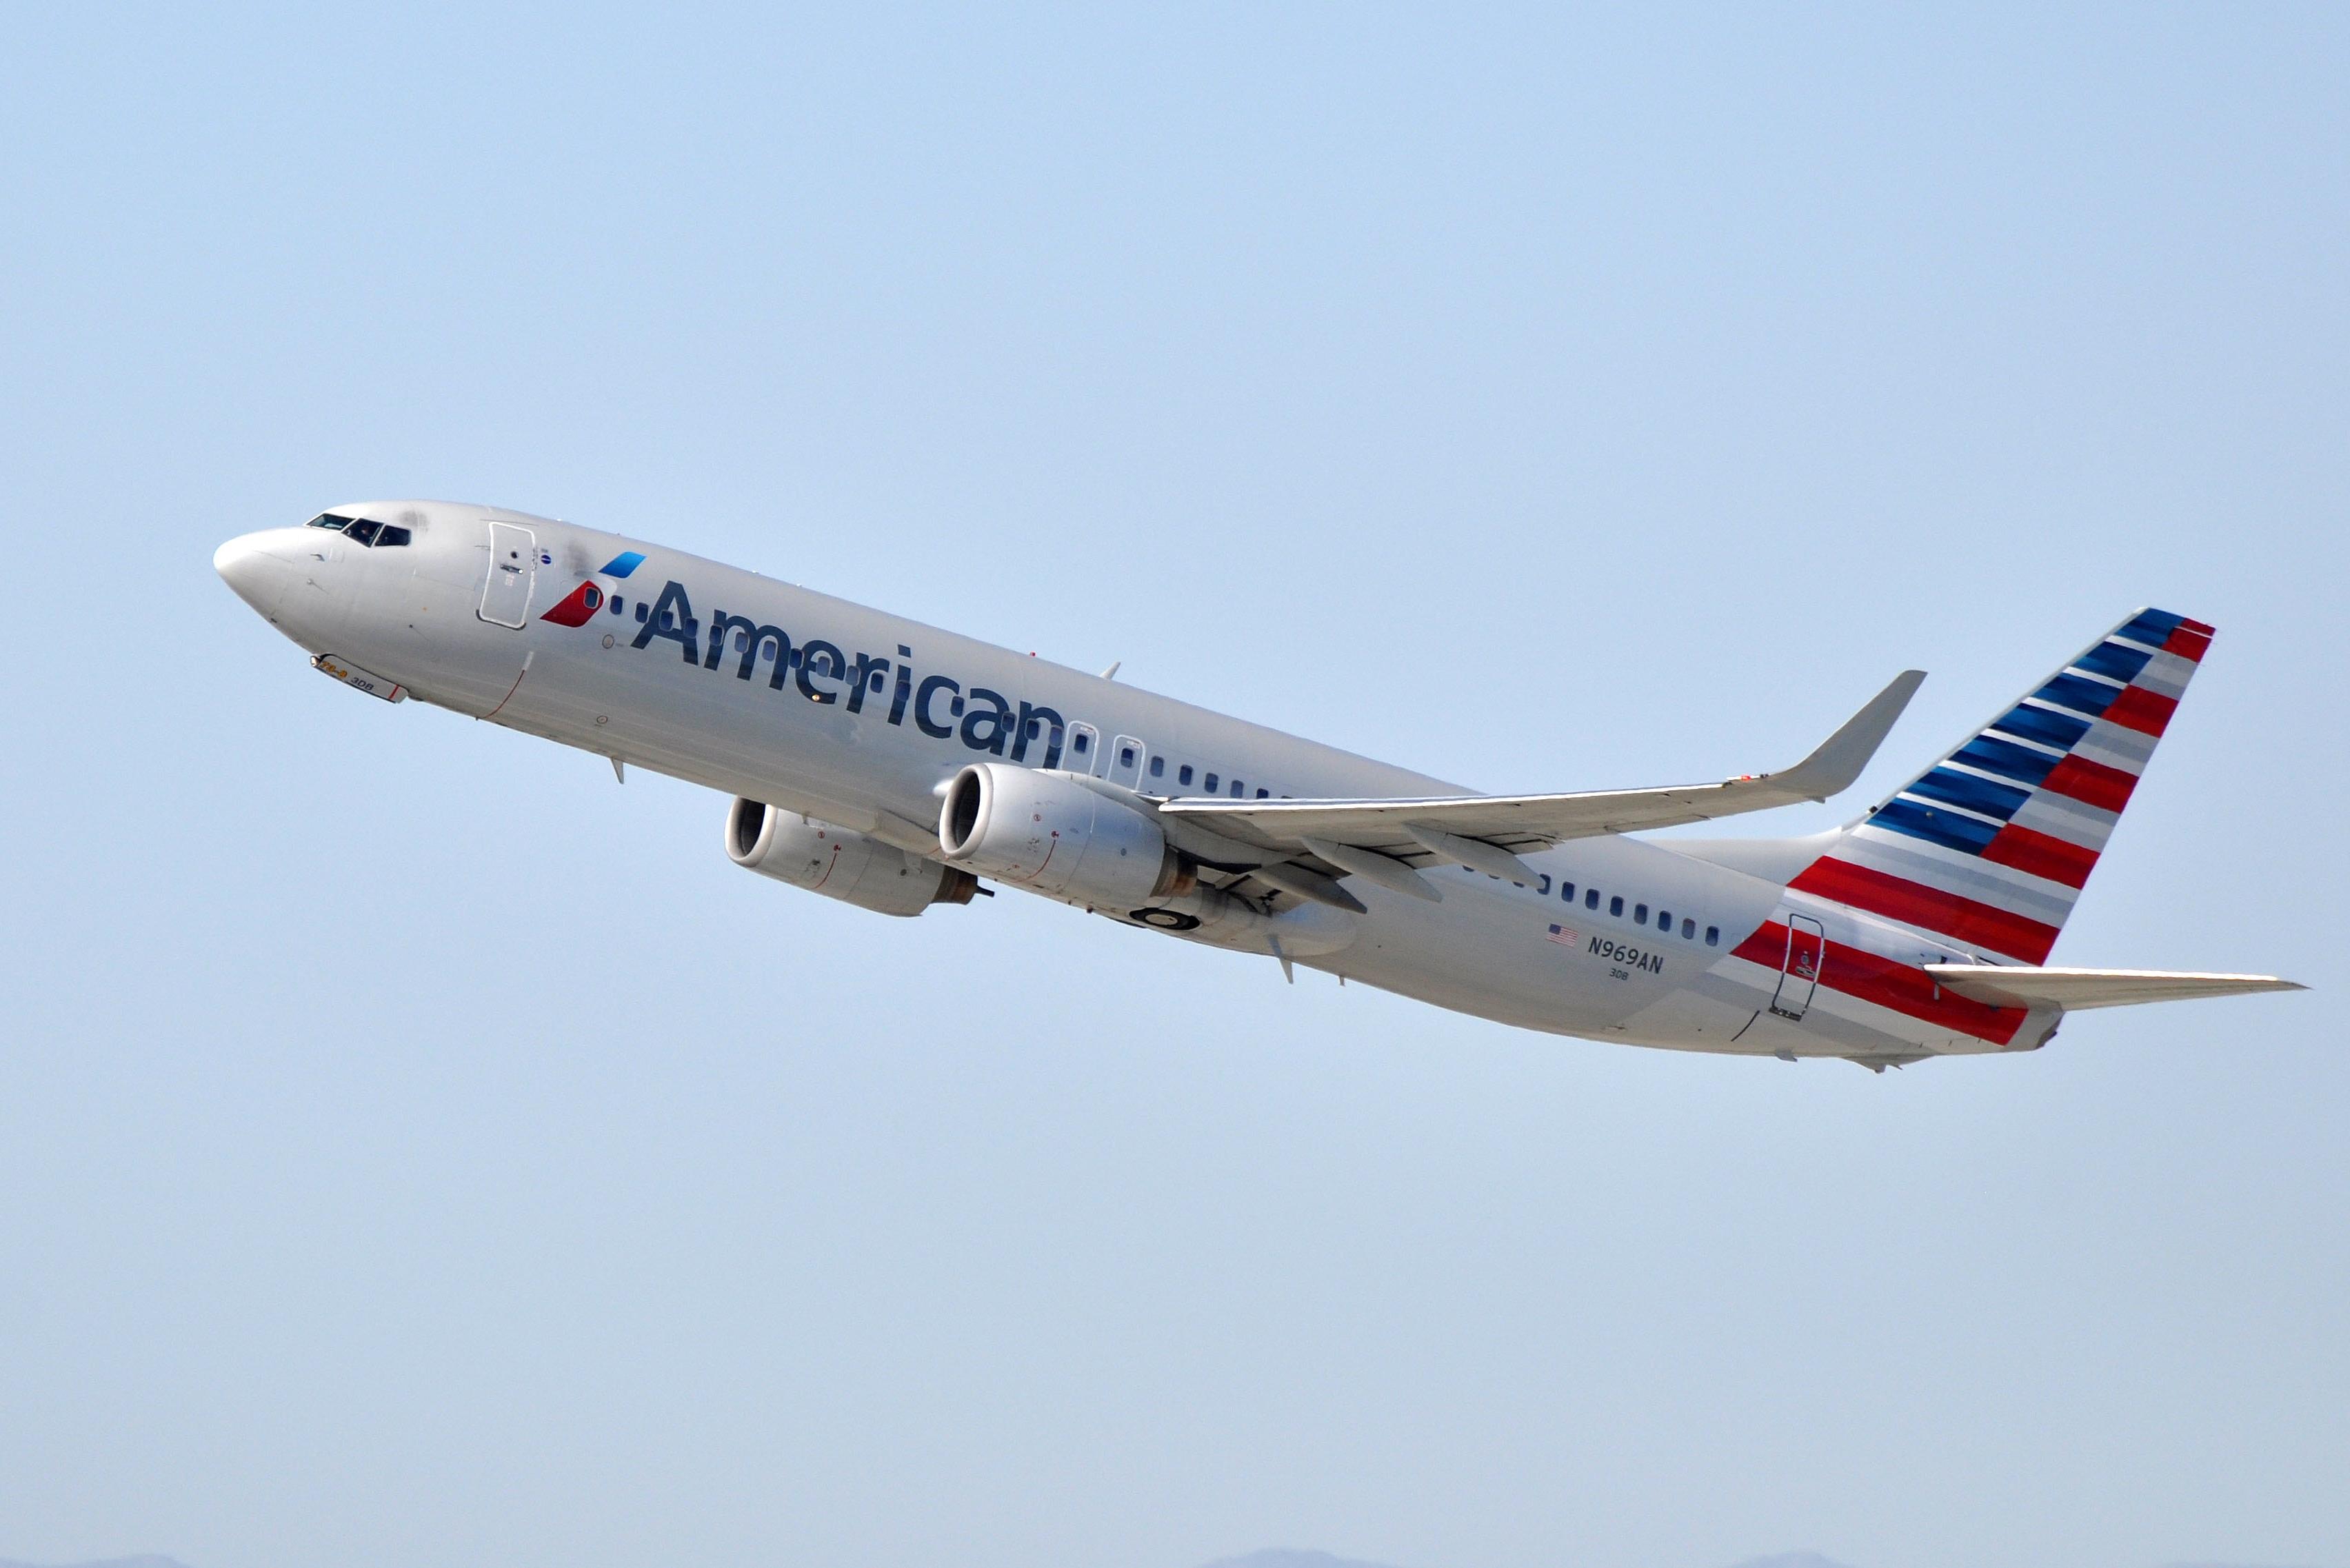 En Boeing 737-800 fra American Airlines. Foto: Eric Salard